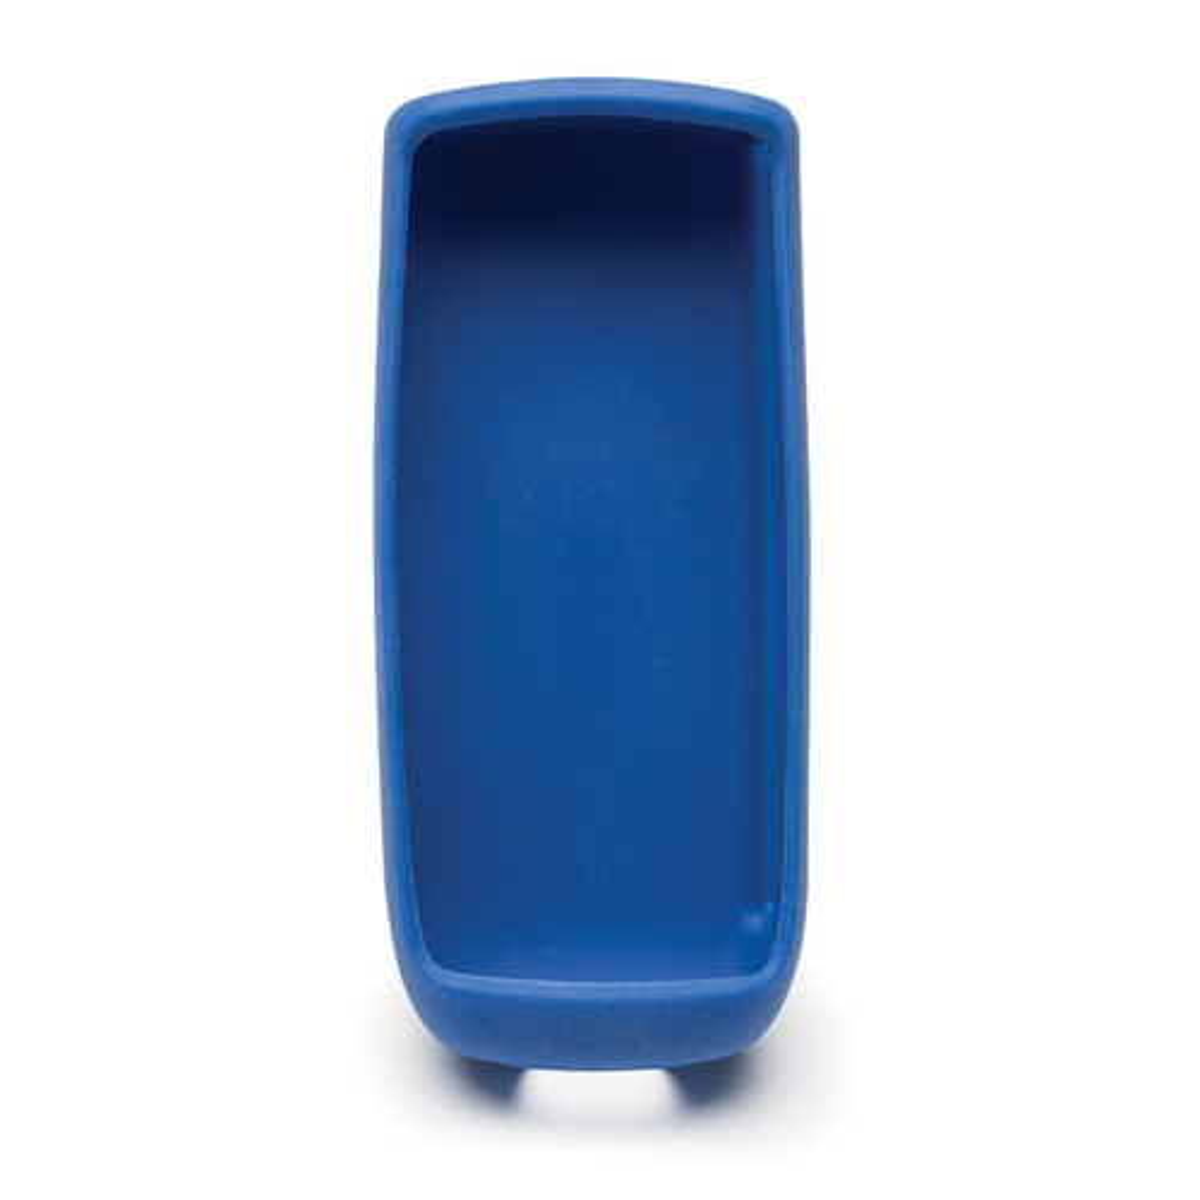 HI710027 Shockproof Rubber Boot (Blue)